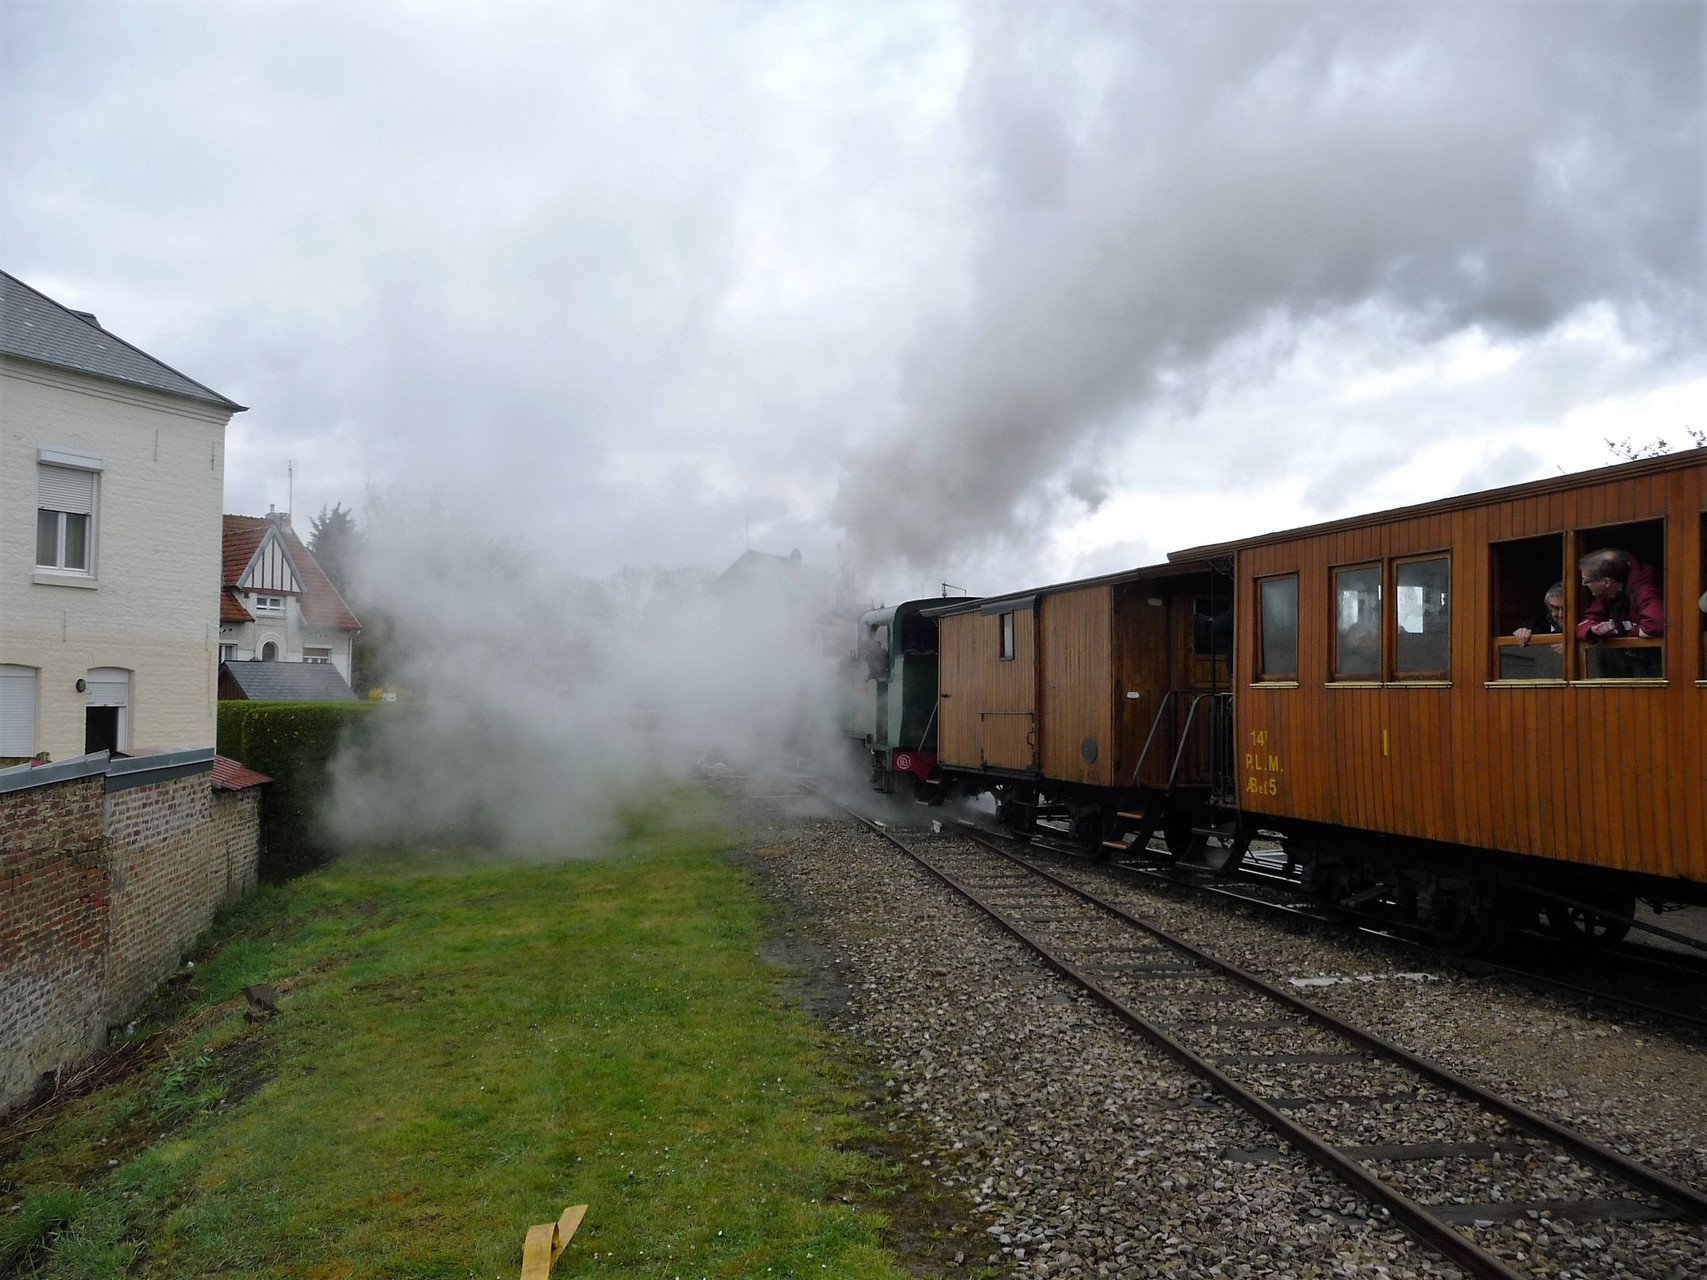 départ de la gare de Saint-Valéry sur Somme vers Cayeux sur Mer